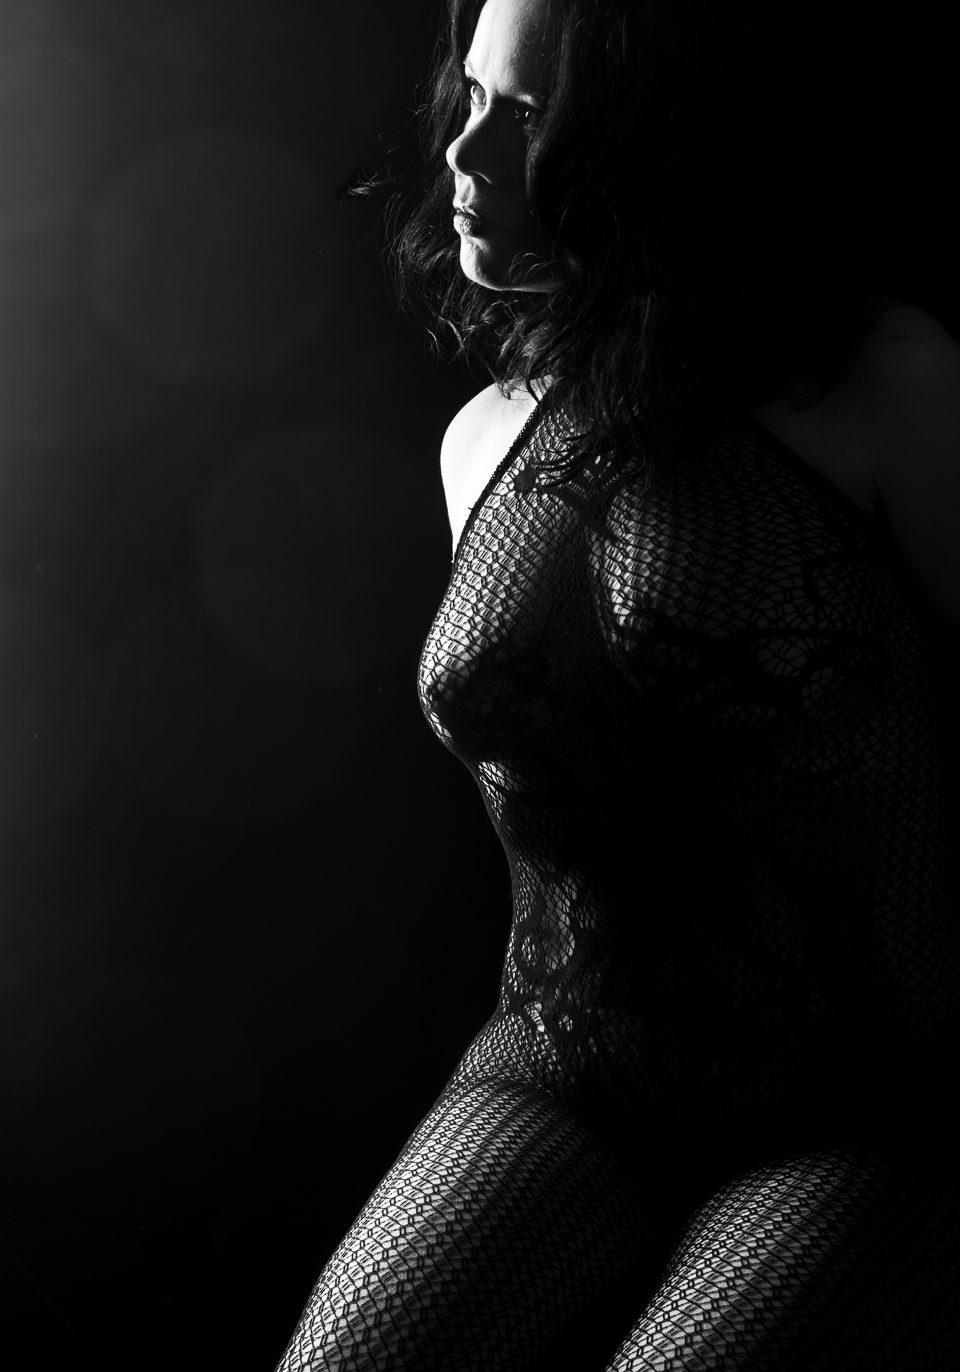 Stephanie, Netz #3